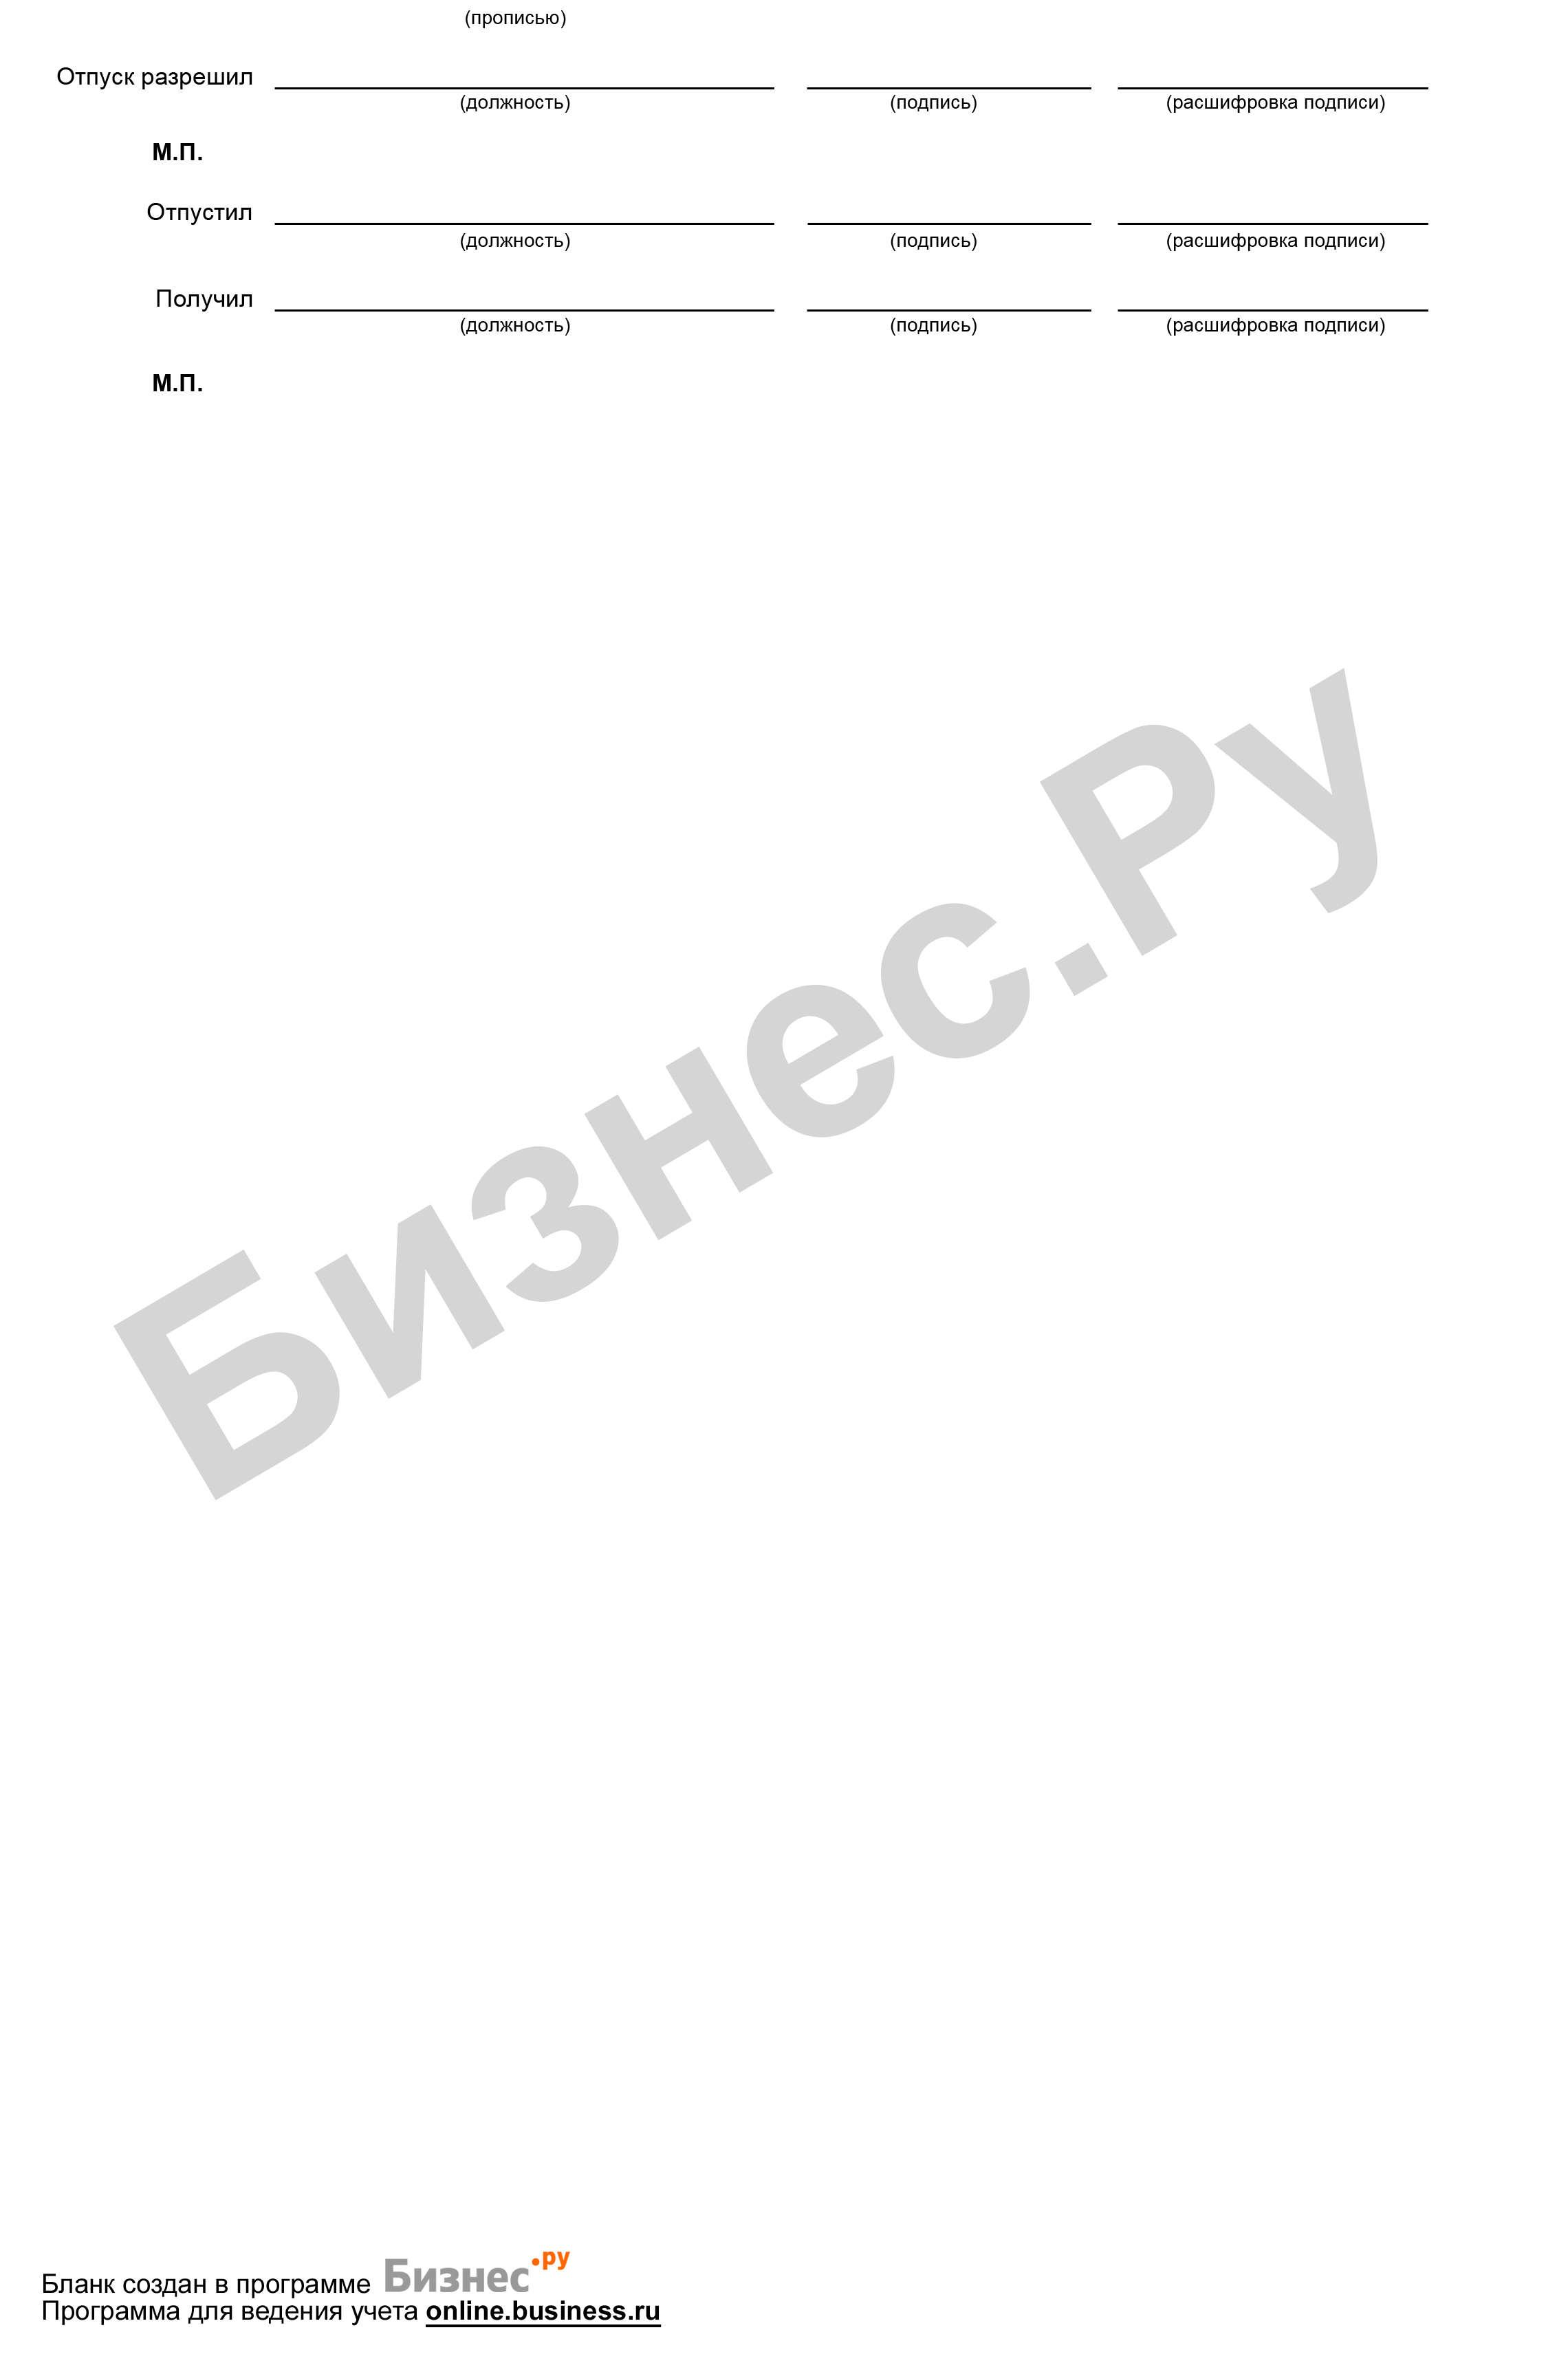 Накладная на товар бланк word